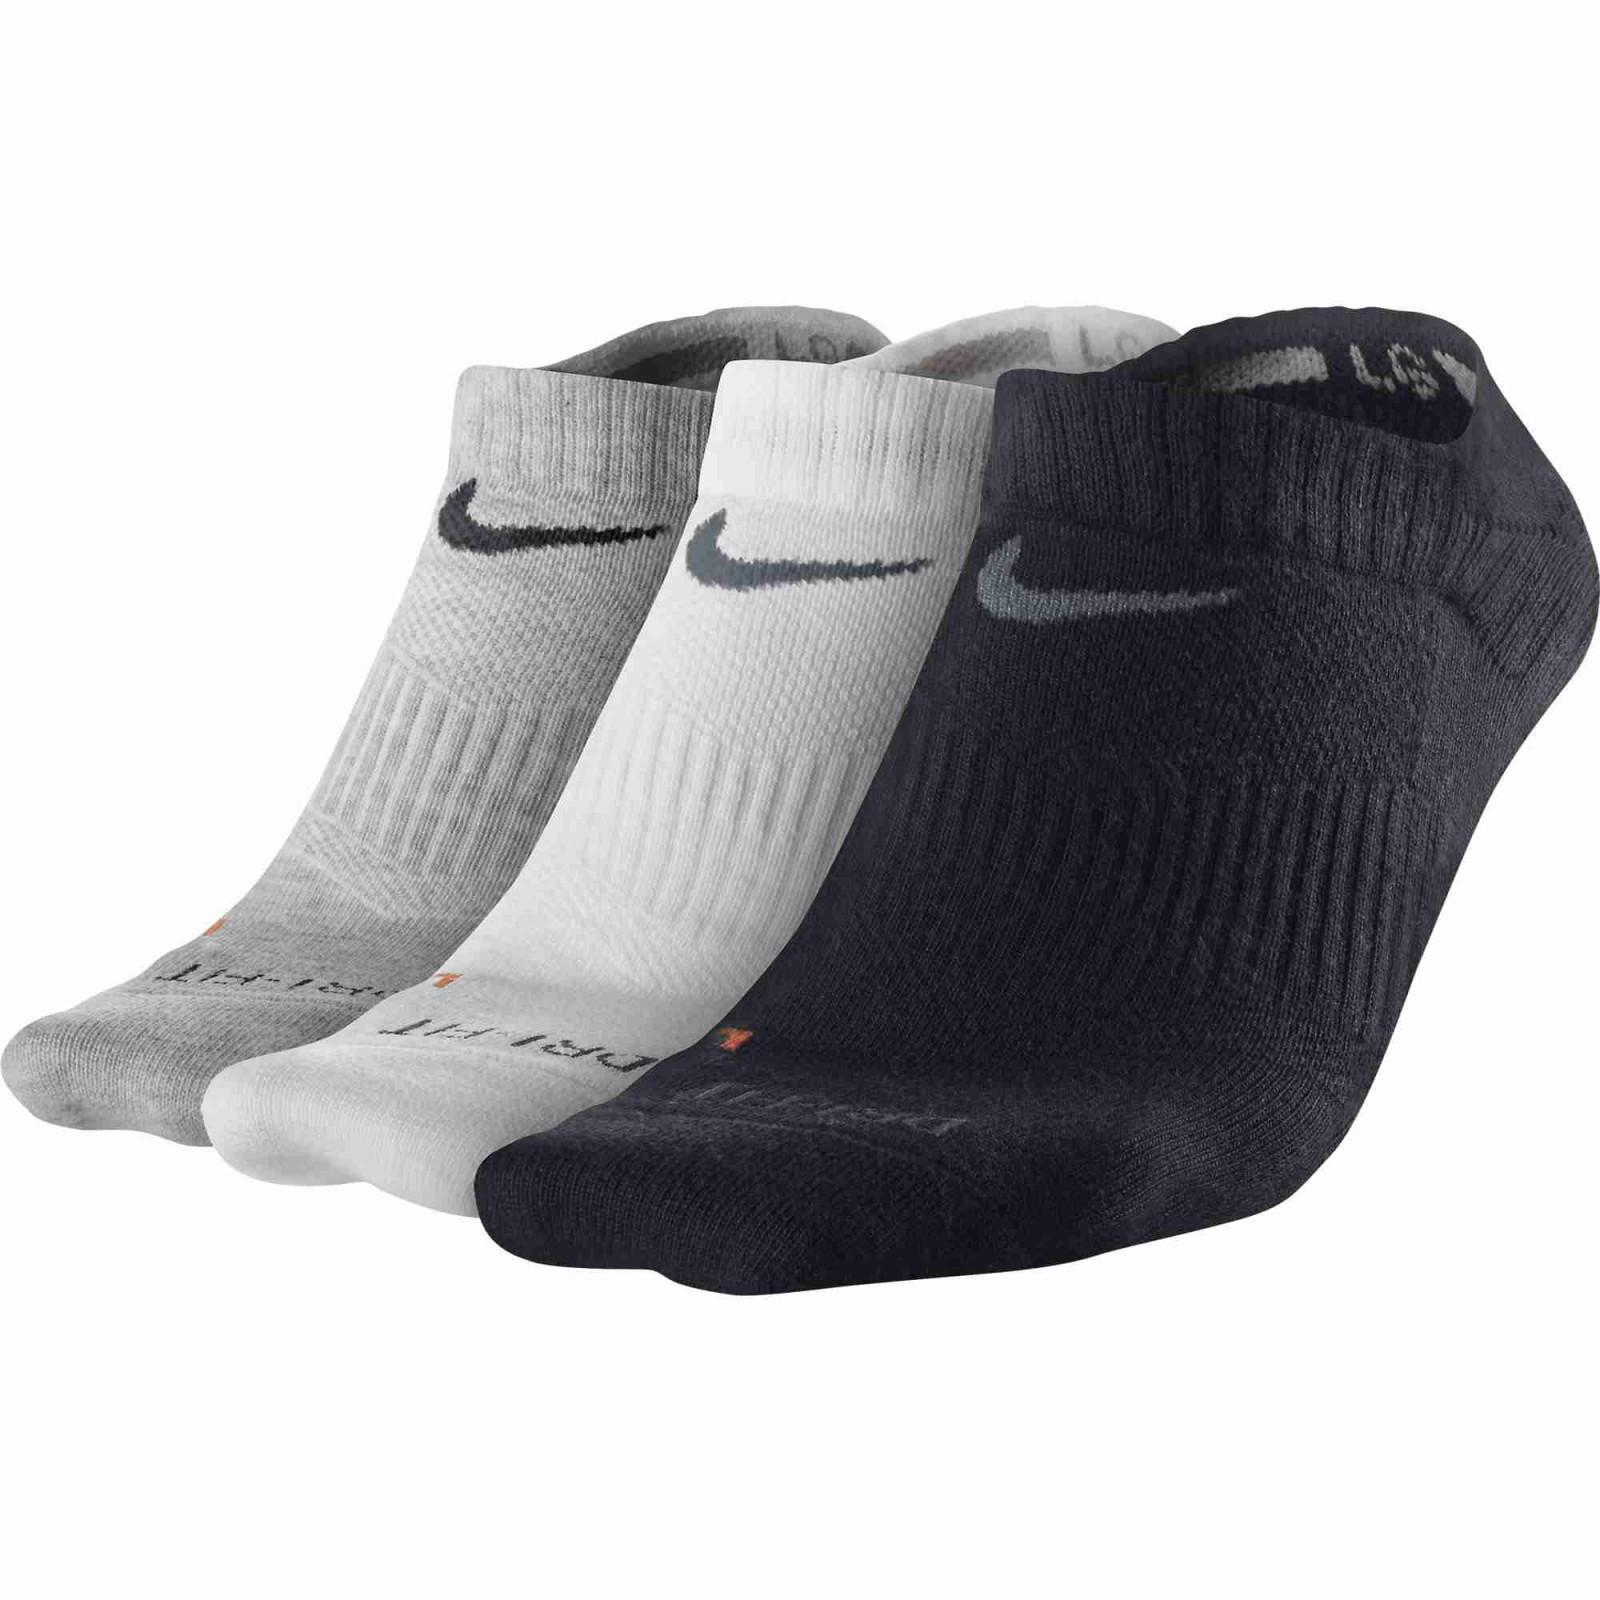 d369dba8eb0 Pánské ponožky Nike Dri-FIT Light 3 páry